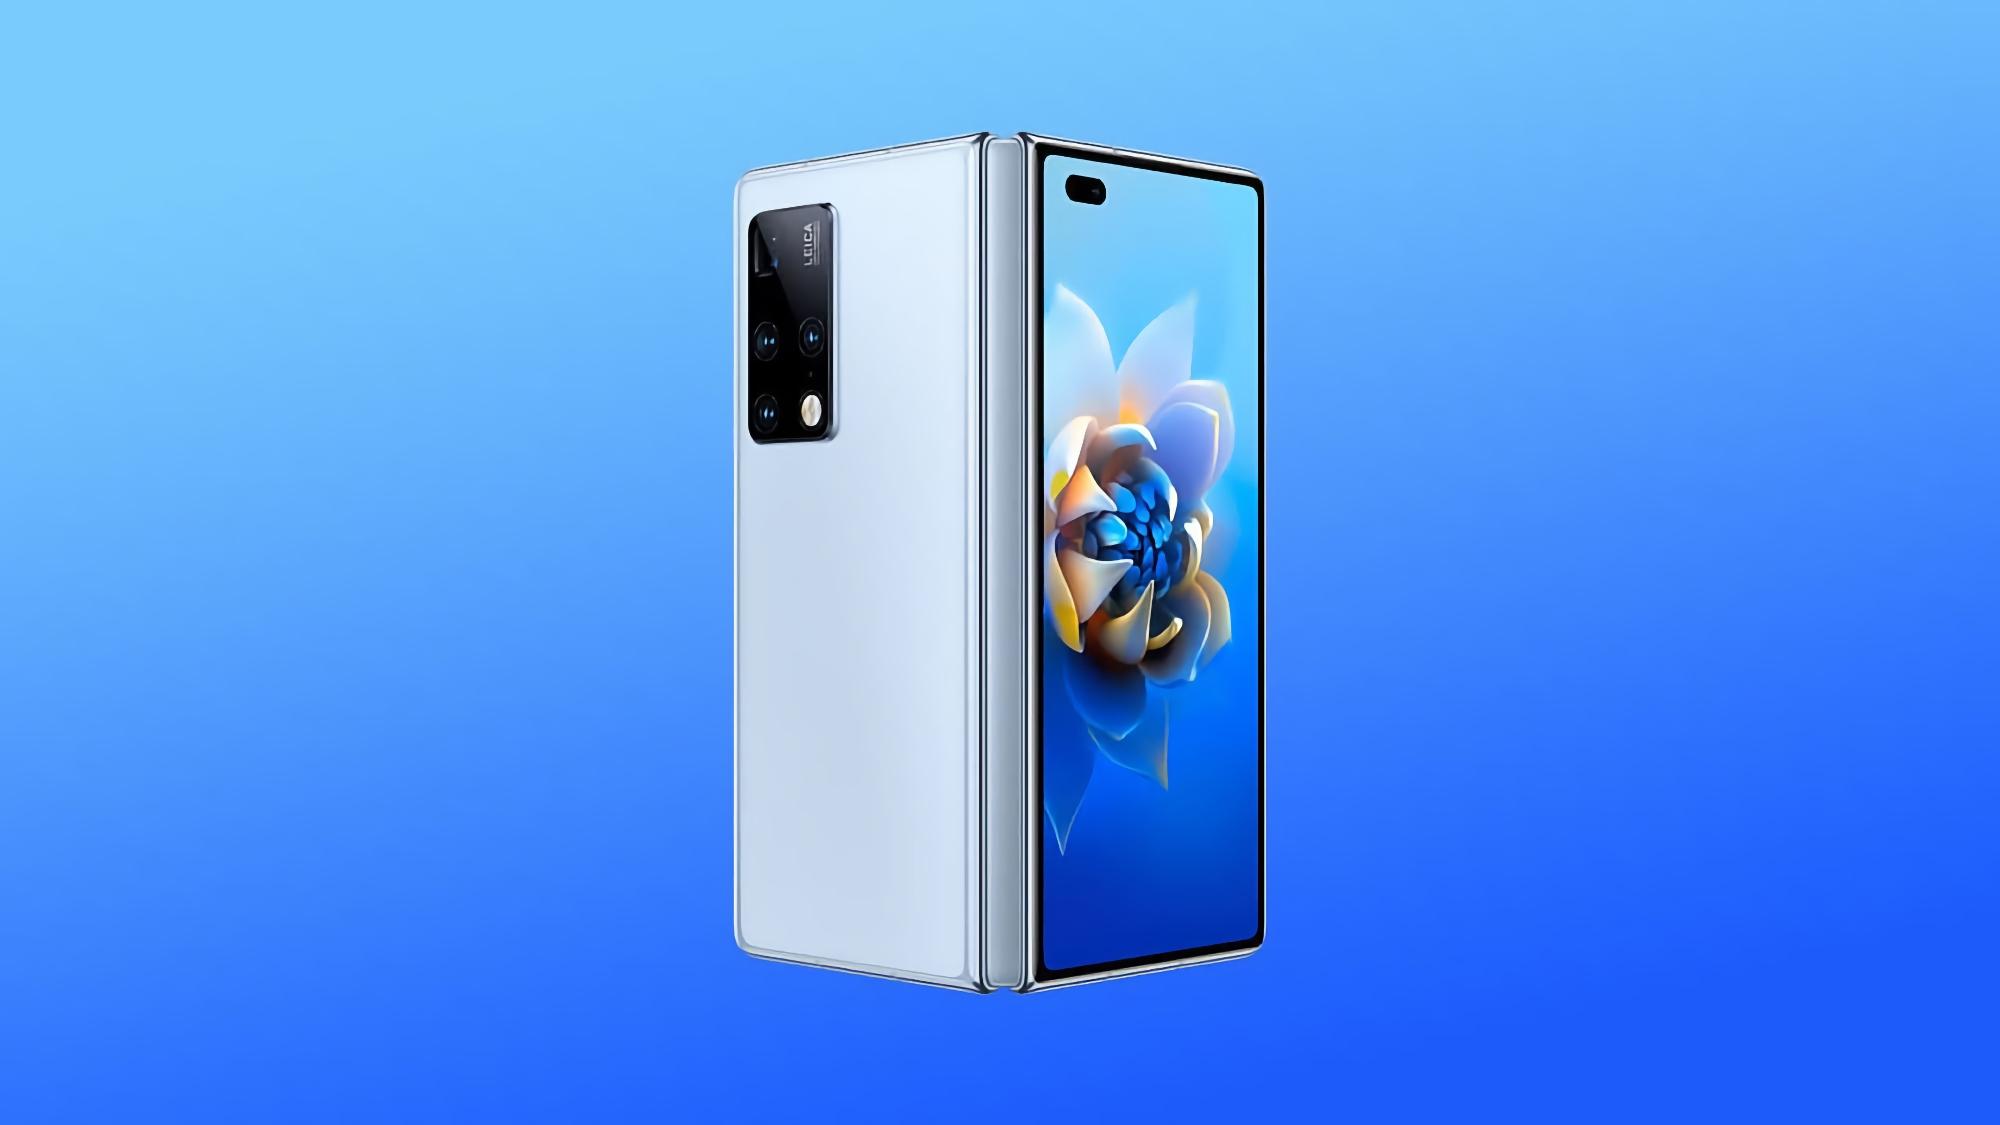 Инсайдер: складной смартфон Honor Magic Fold получит чип Snapdragon 898 и выйдет в первой половине 2022 года